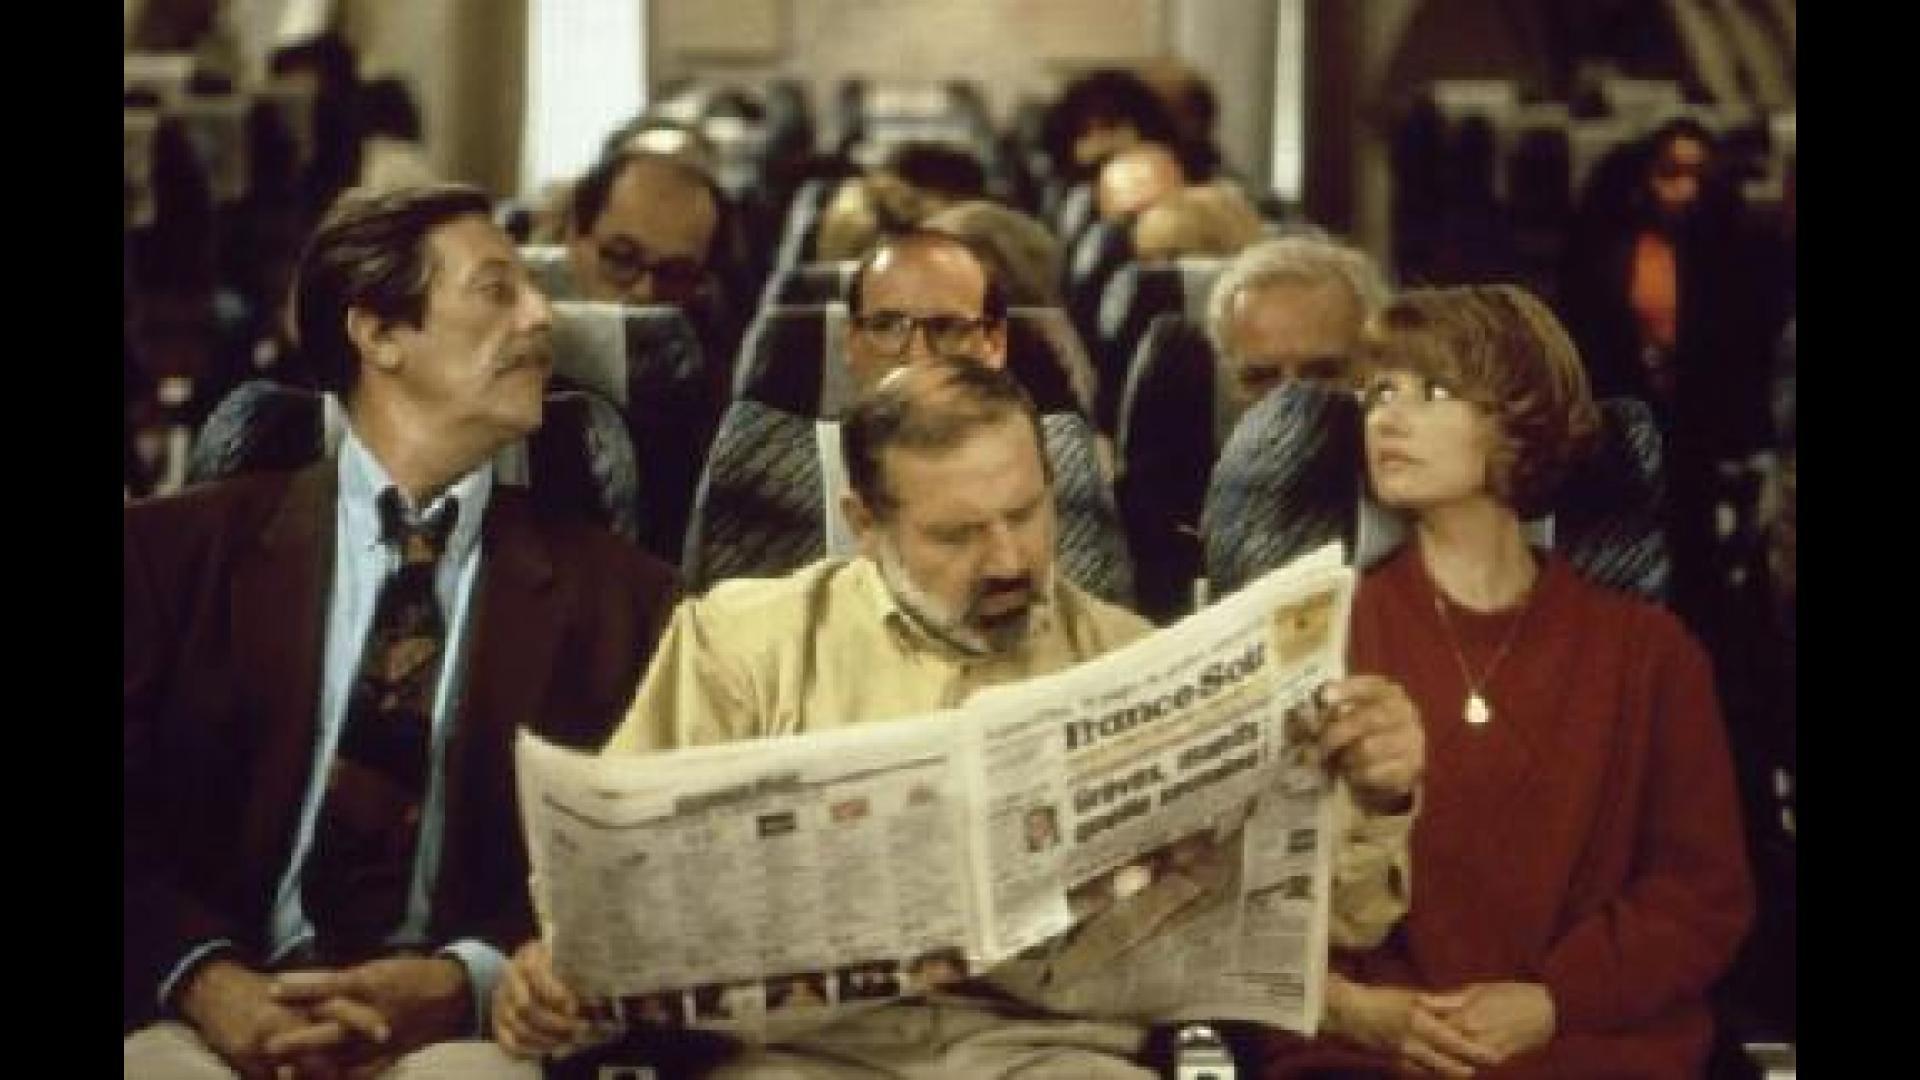 Le Bal Des Casse-Pieds (1991), un film de Yves Robert| Premiere.fr | news,  date de sortie, critique, bande-annonce, VO, VF, VOST, streaming légal